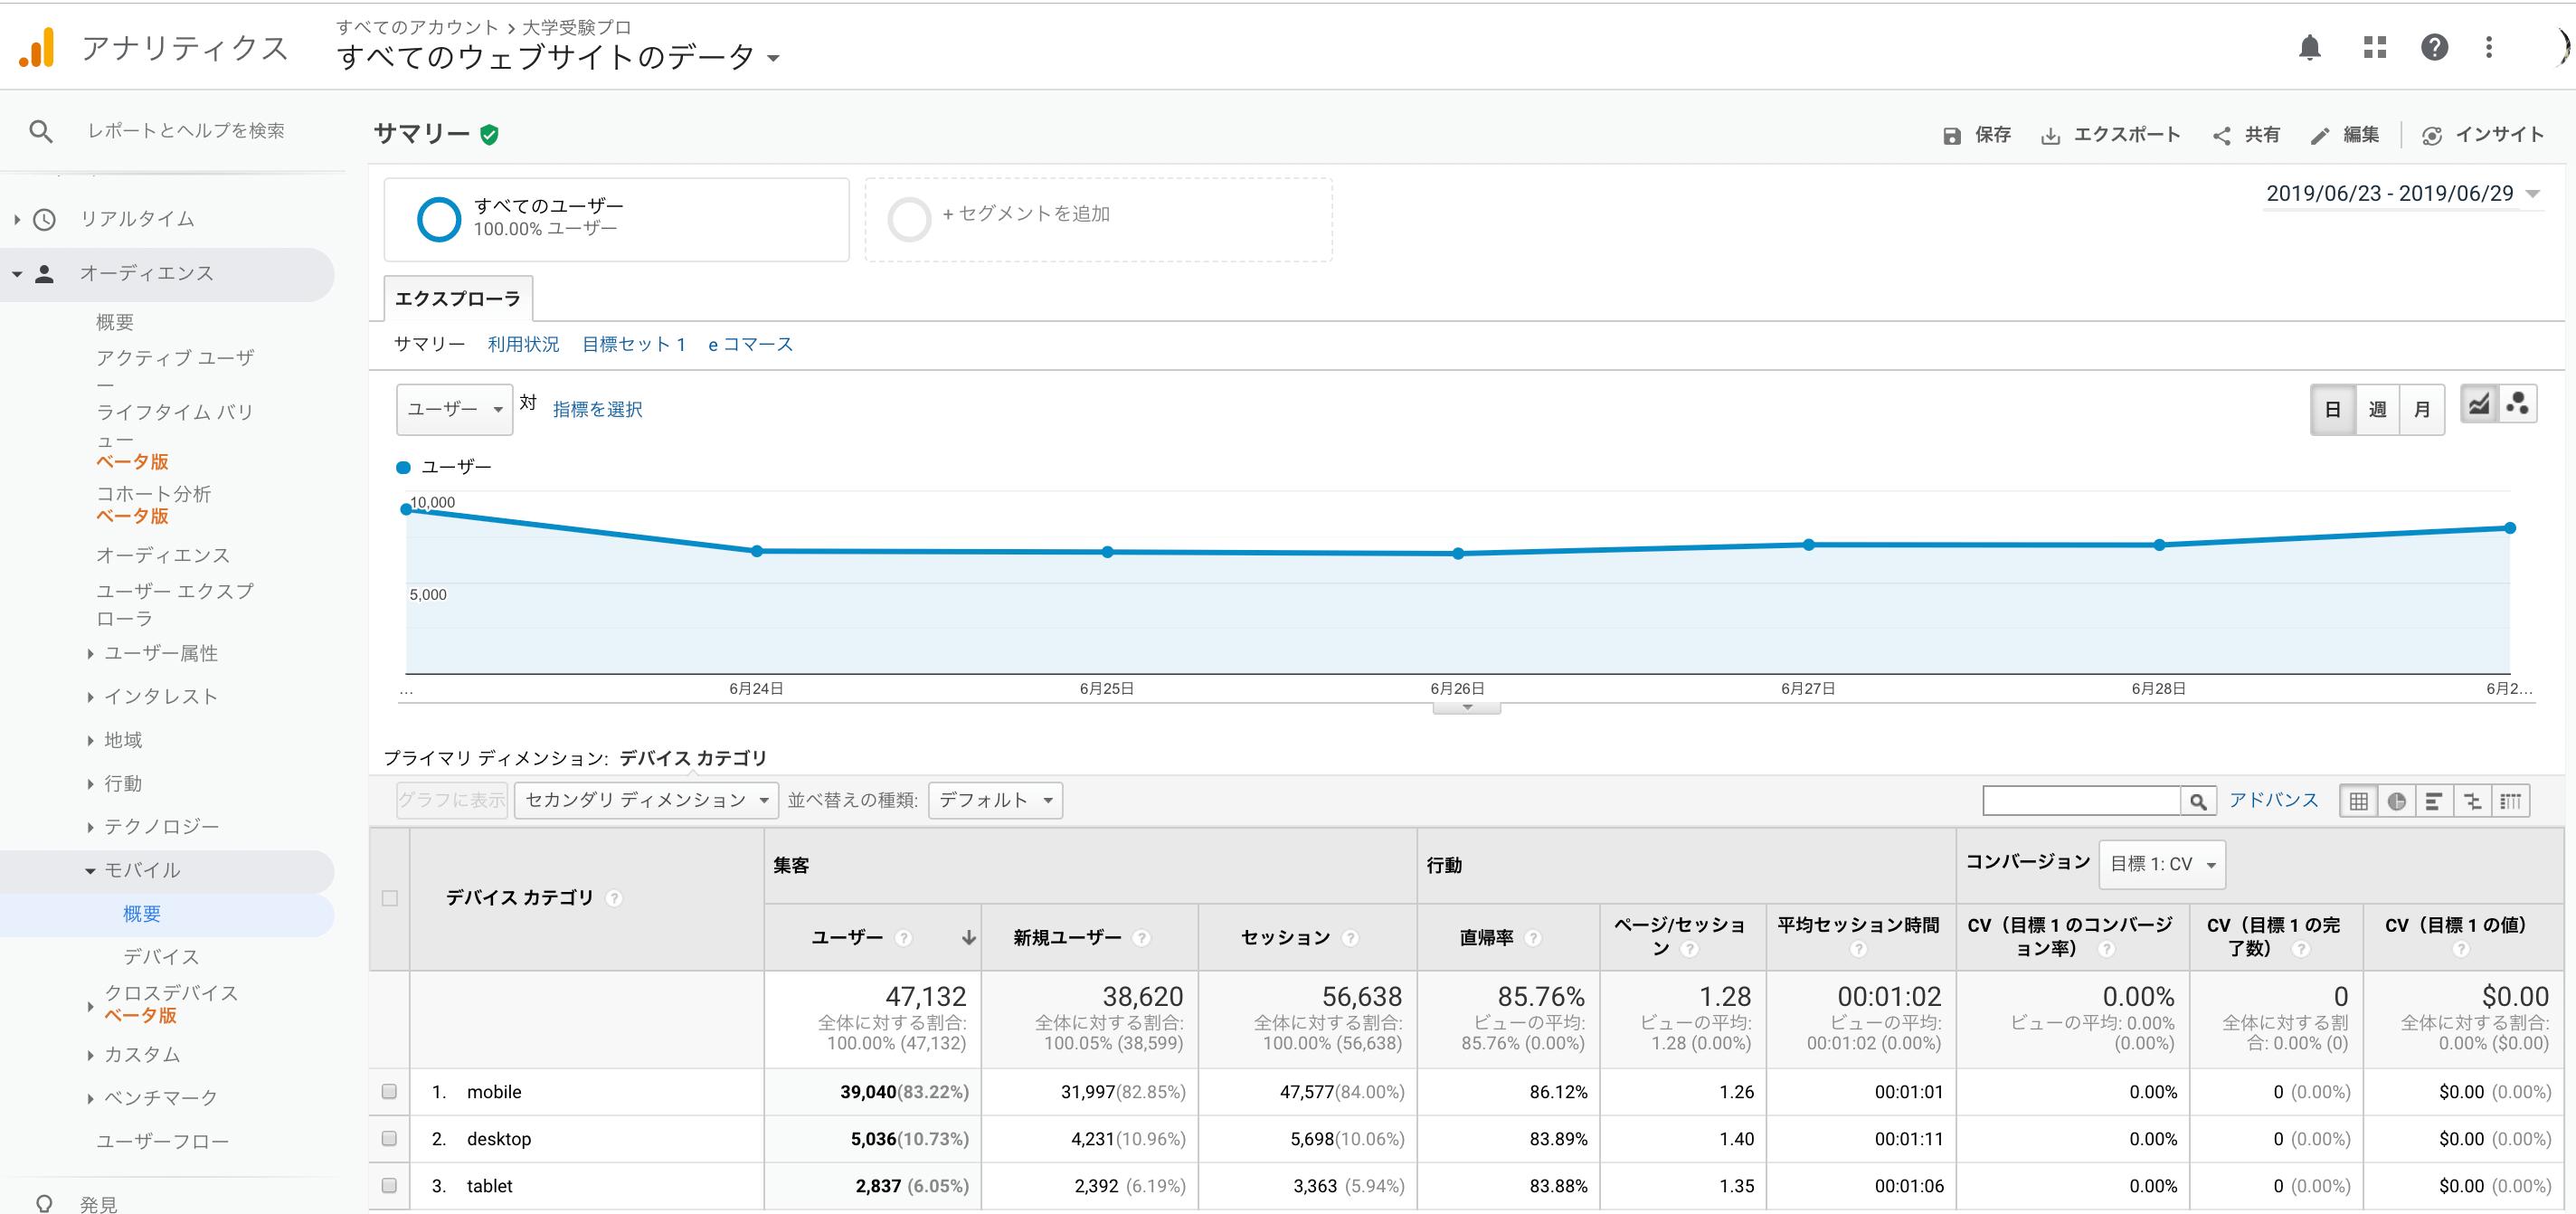 google analyticsのユーザーレポートのモバイルの概要